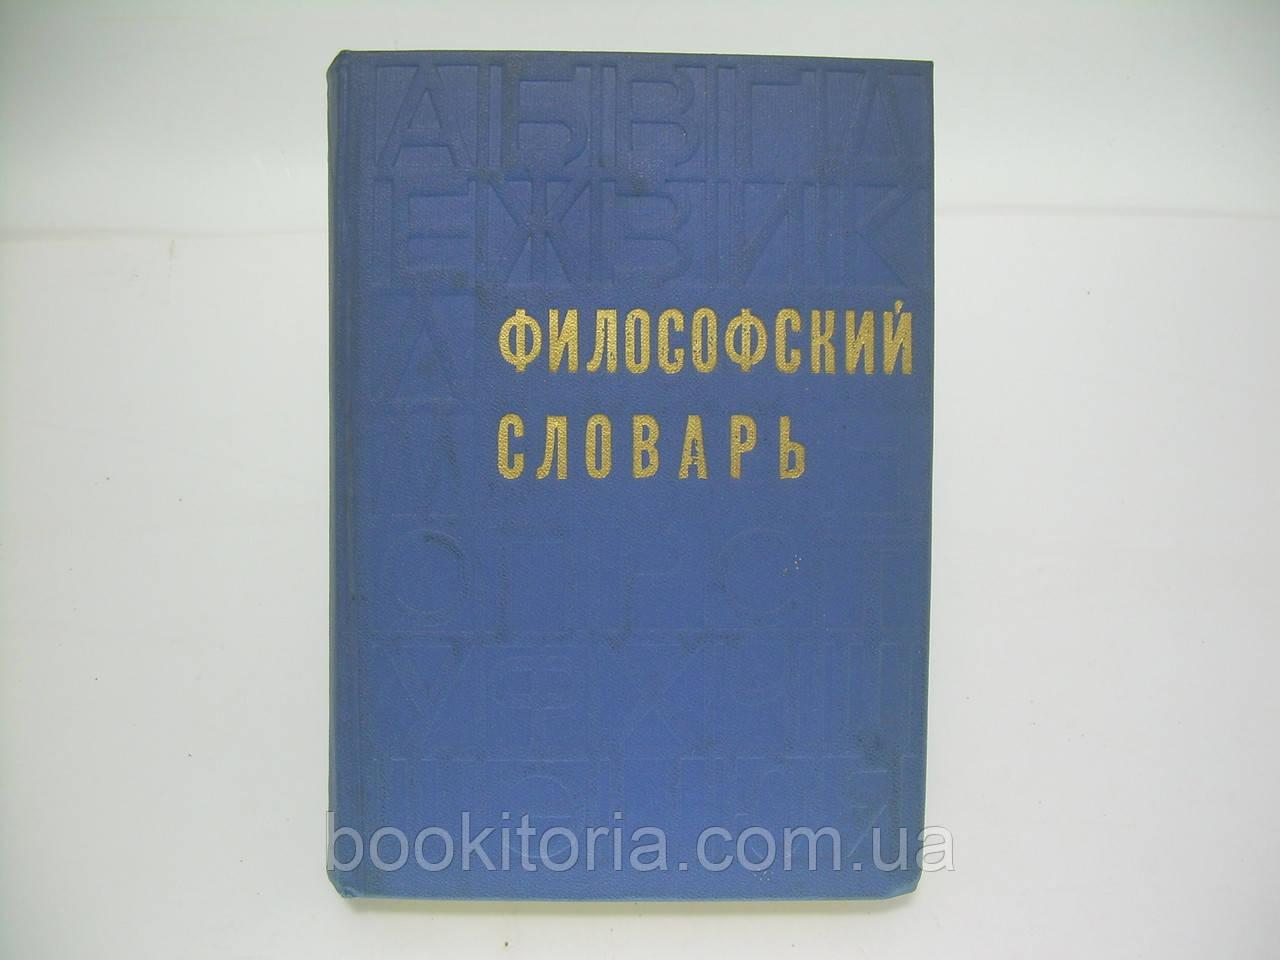 Розенталь М. Философский словарь (б/у).